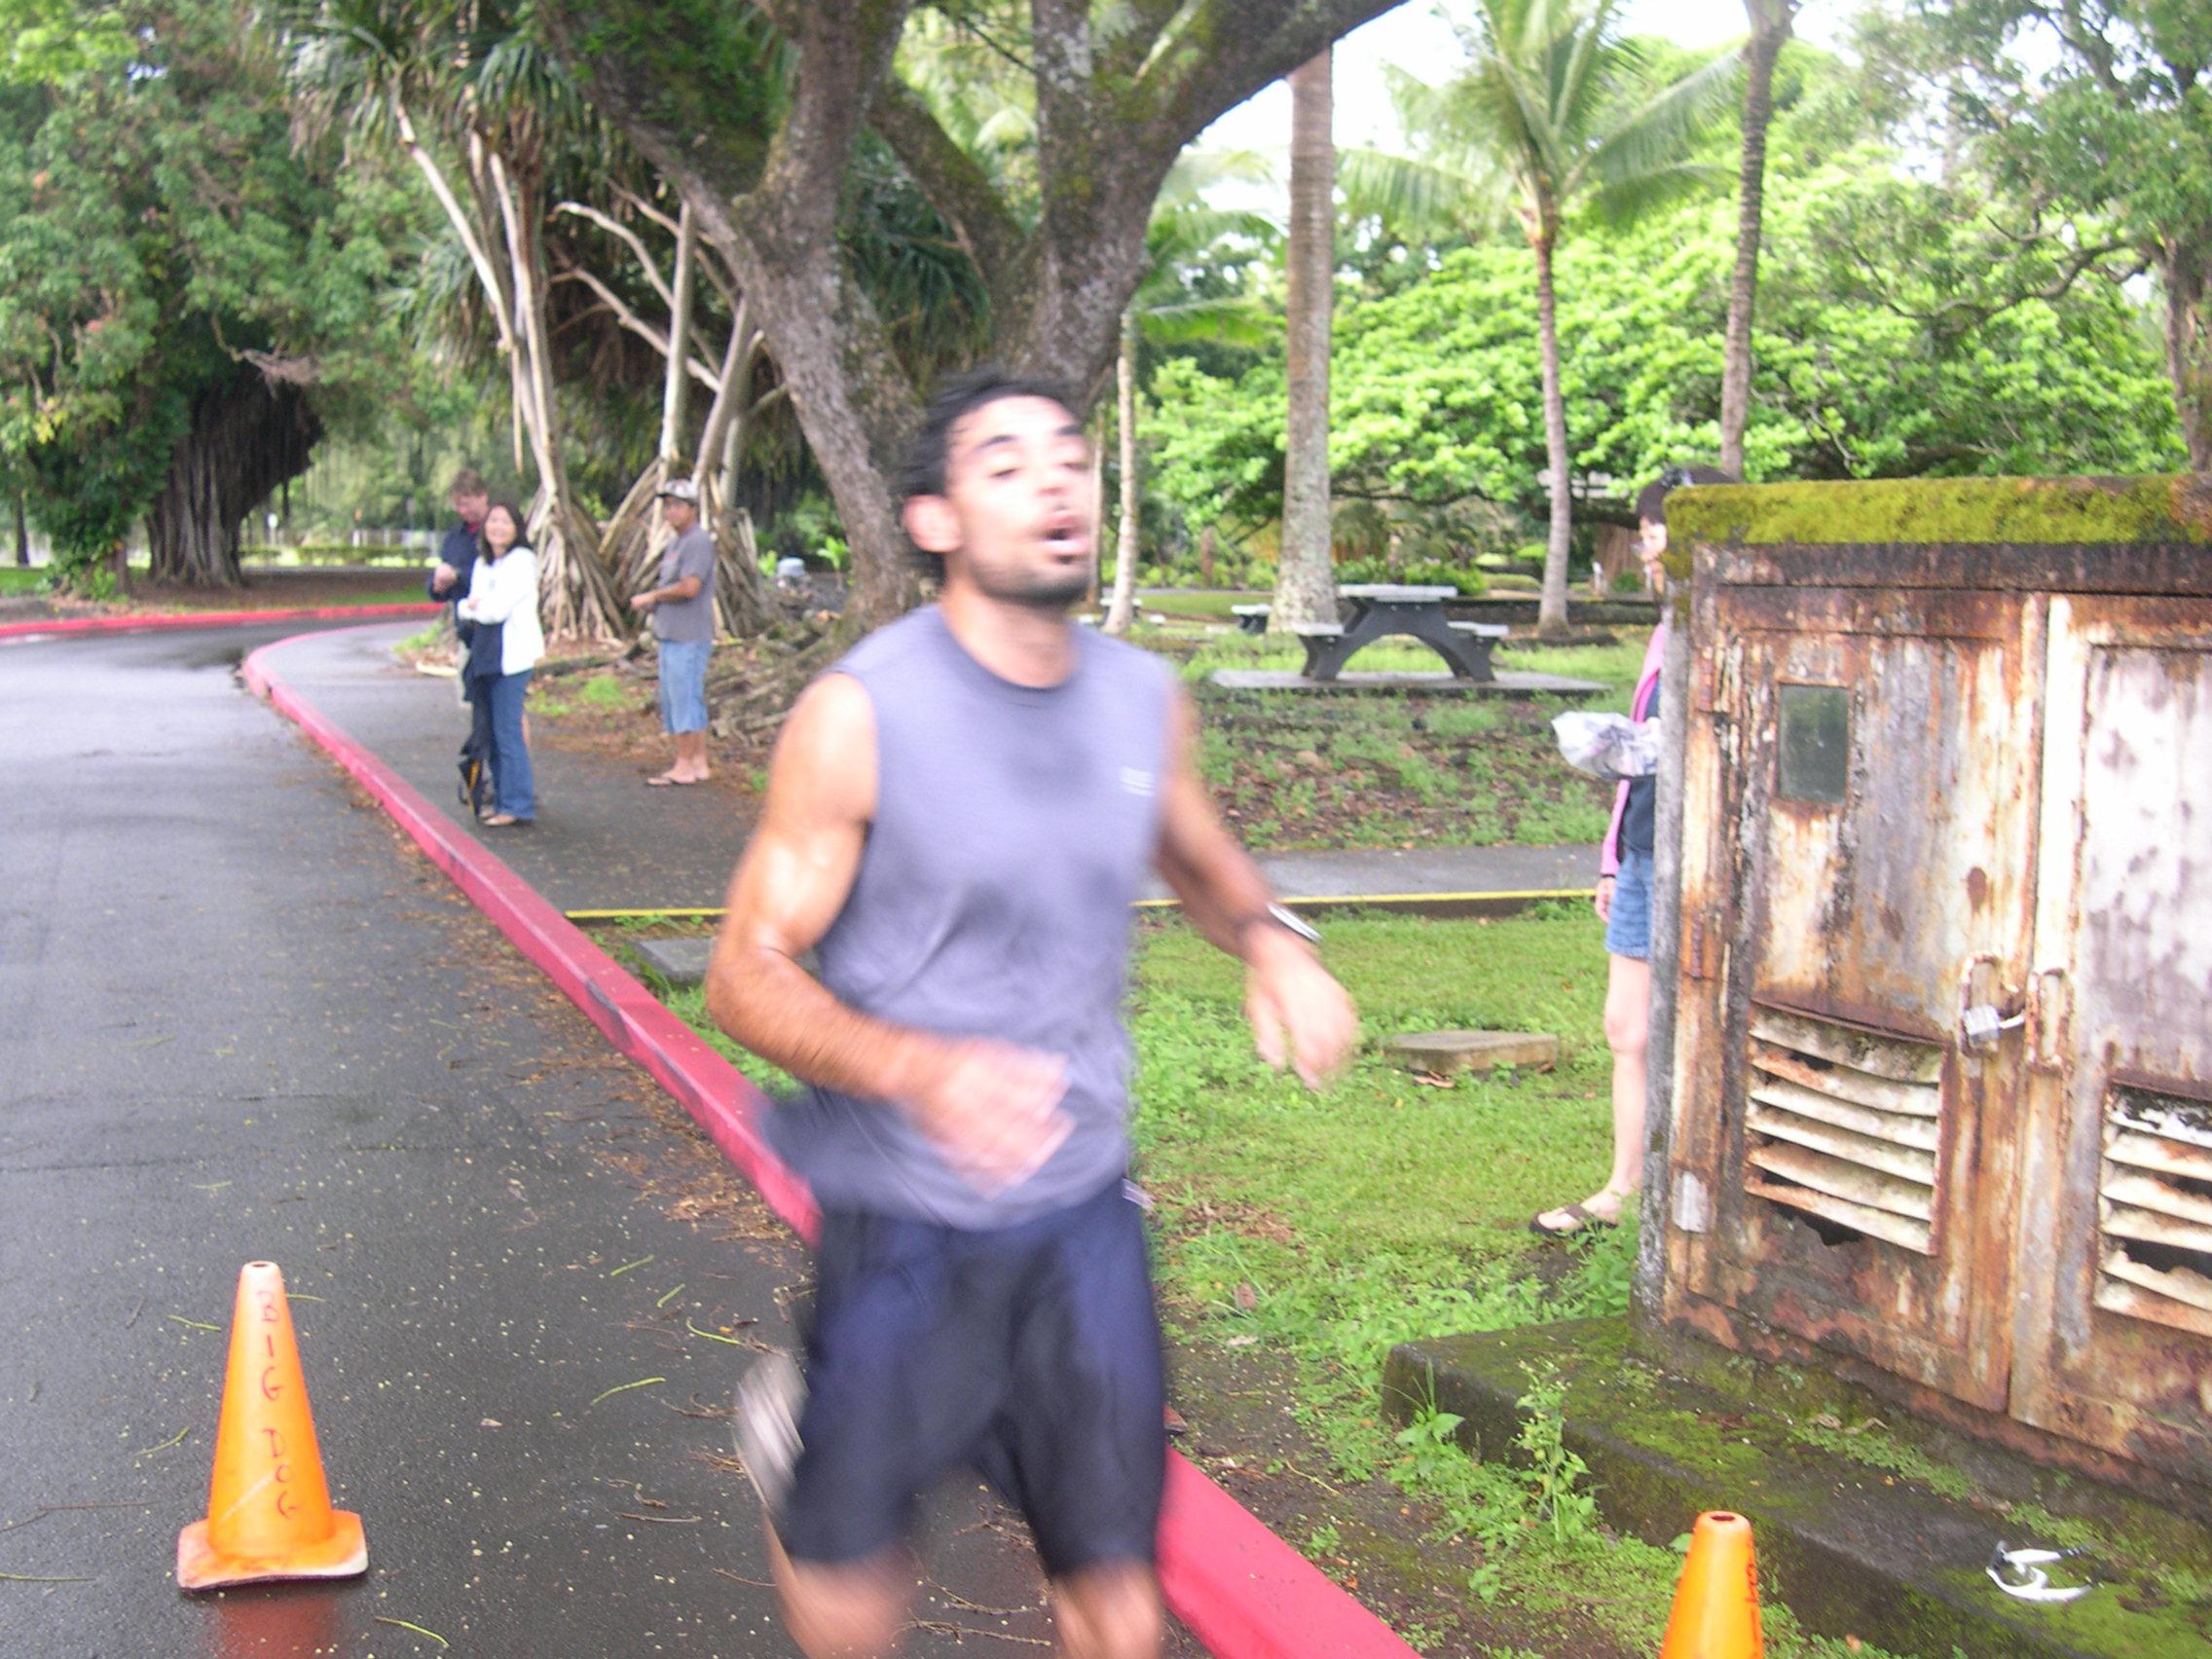 5K Runner-Up Johan Dana cross finish line